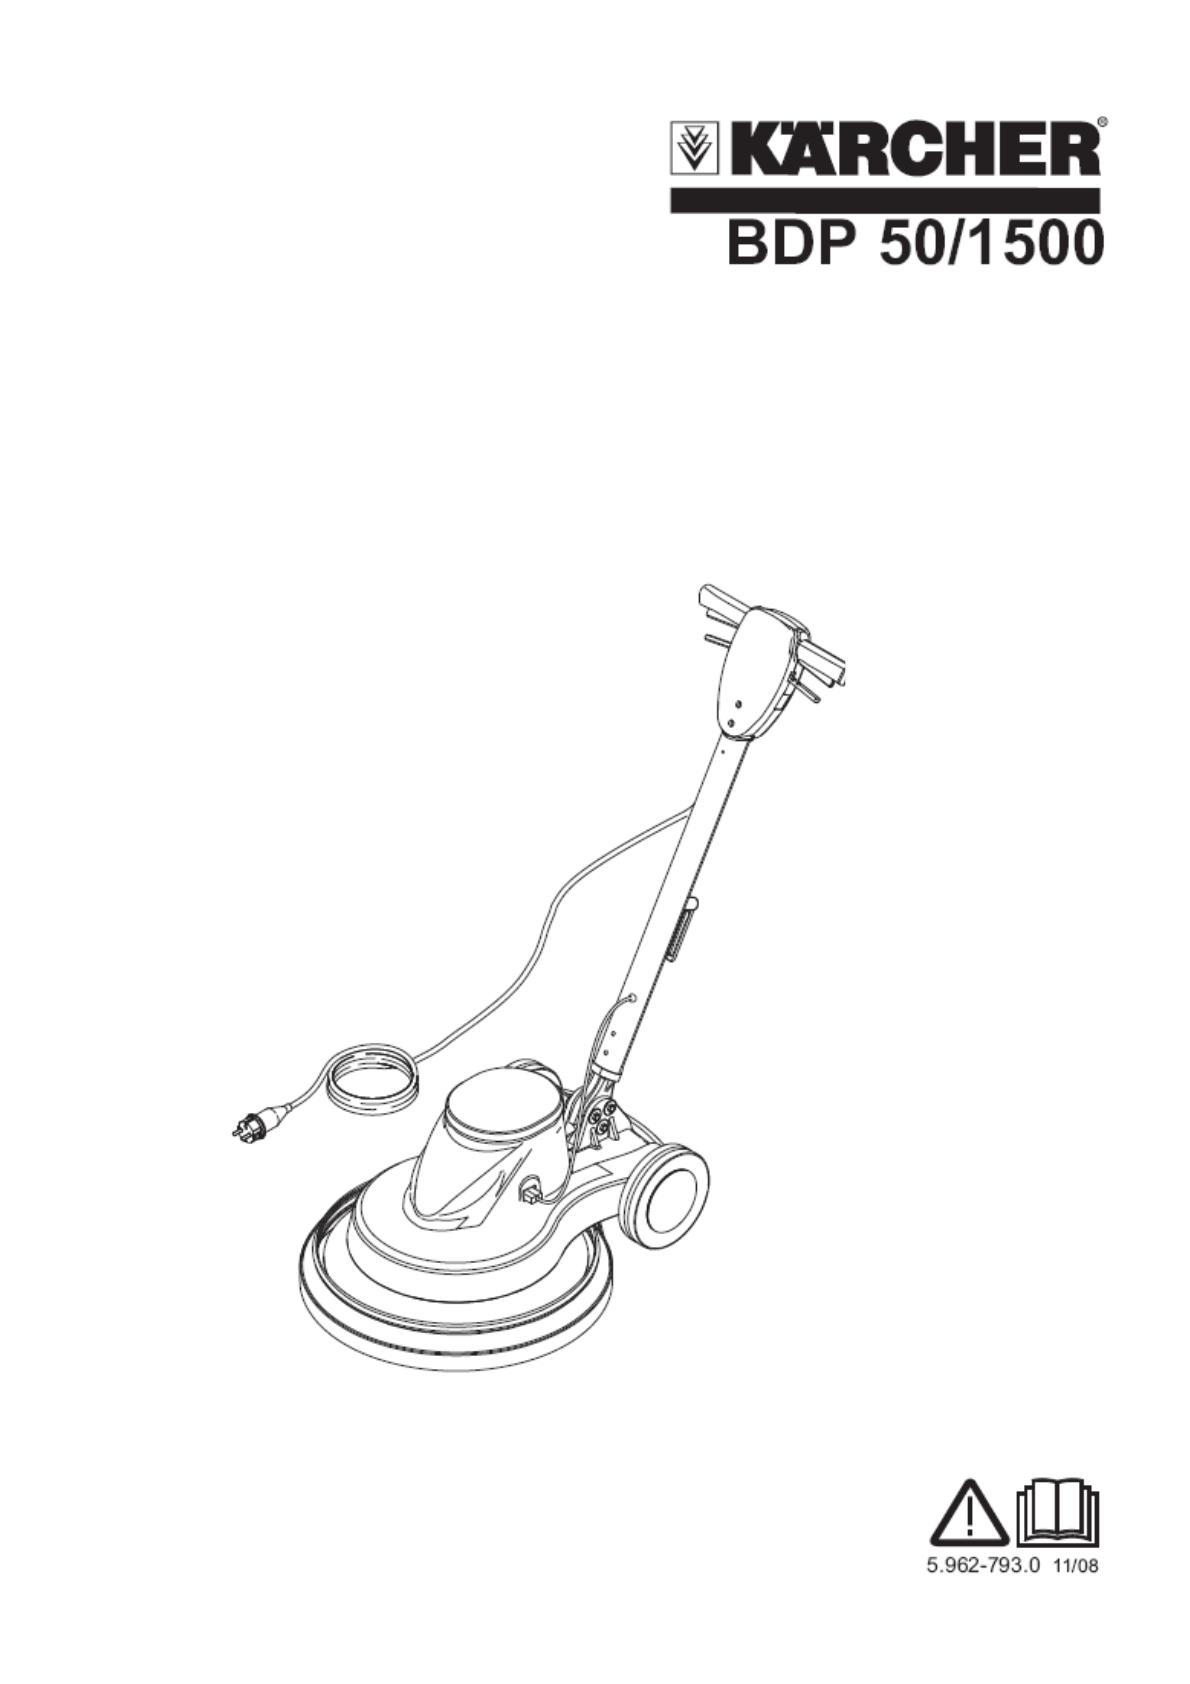 抛光机 BDP 50/1500 C 说明书说明书下载